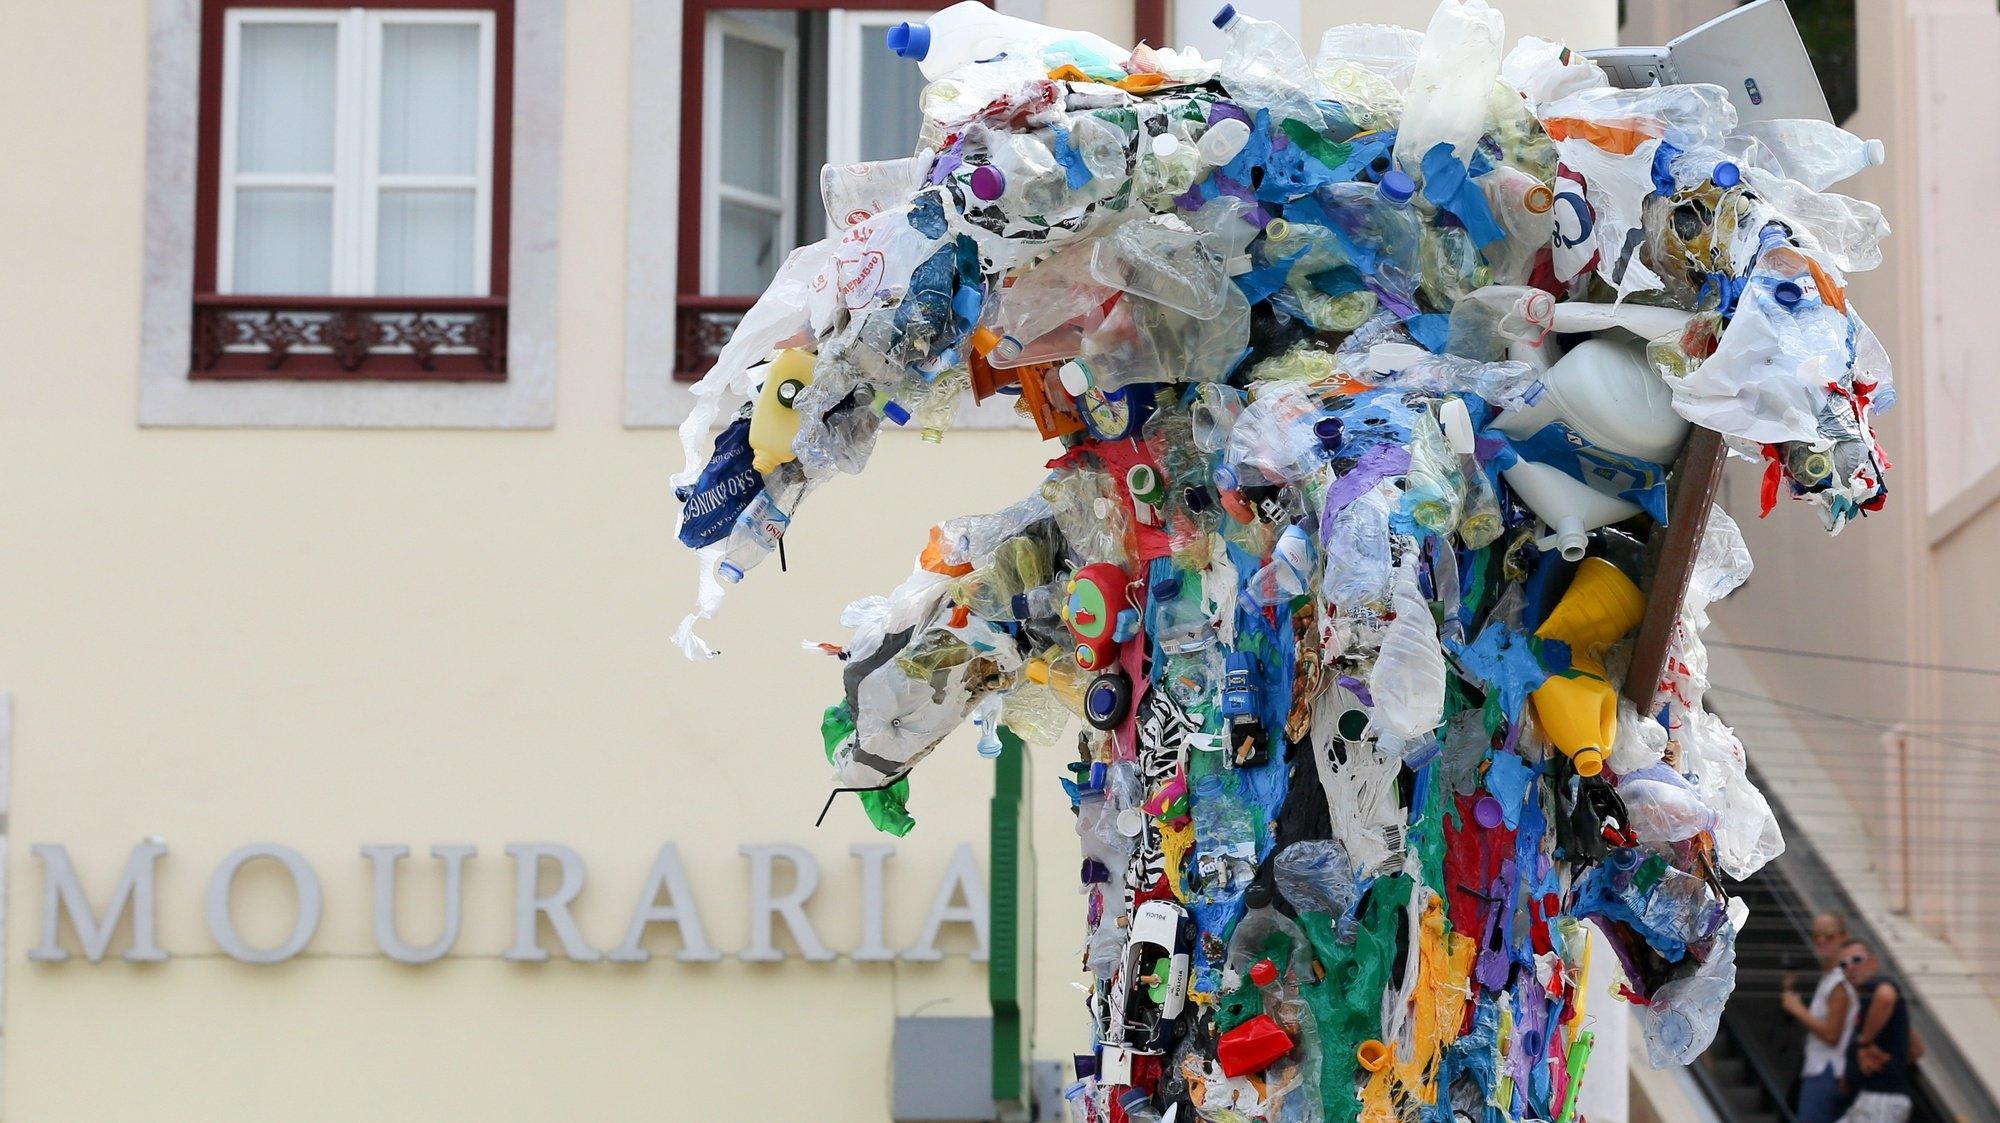 Pormenor da estátua Re-Volta, um resultado escultórico do Manifesto Lixo Zero, com 4 metros de altura e, constituída por diversos materiais descartáveis e descartados, essencialmente de plástico, beatas e outros que  foram recolhidos em praias, ruas, doados por particulares, comércios e outras entidades que também trabalham a causa do lixo e da sua mitigação, durante a inauguração na Mouraria, em Lisboa, 19 de setembro de 2019. MANUEL DE ALMEIDA/LUSA